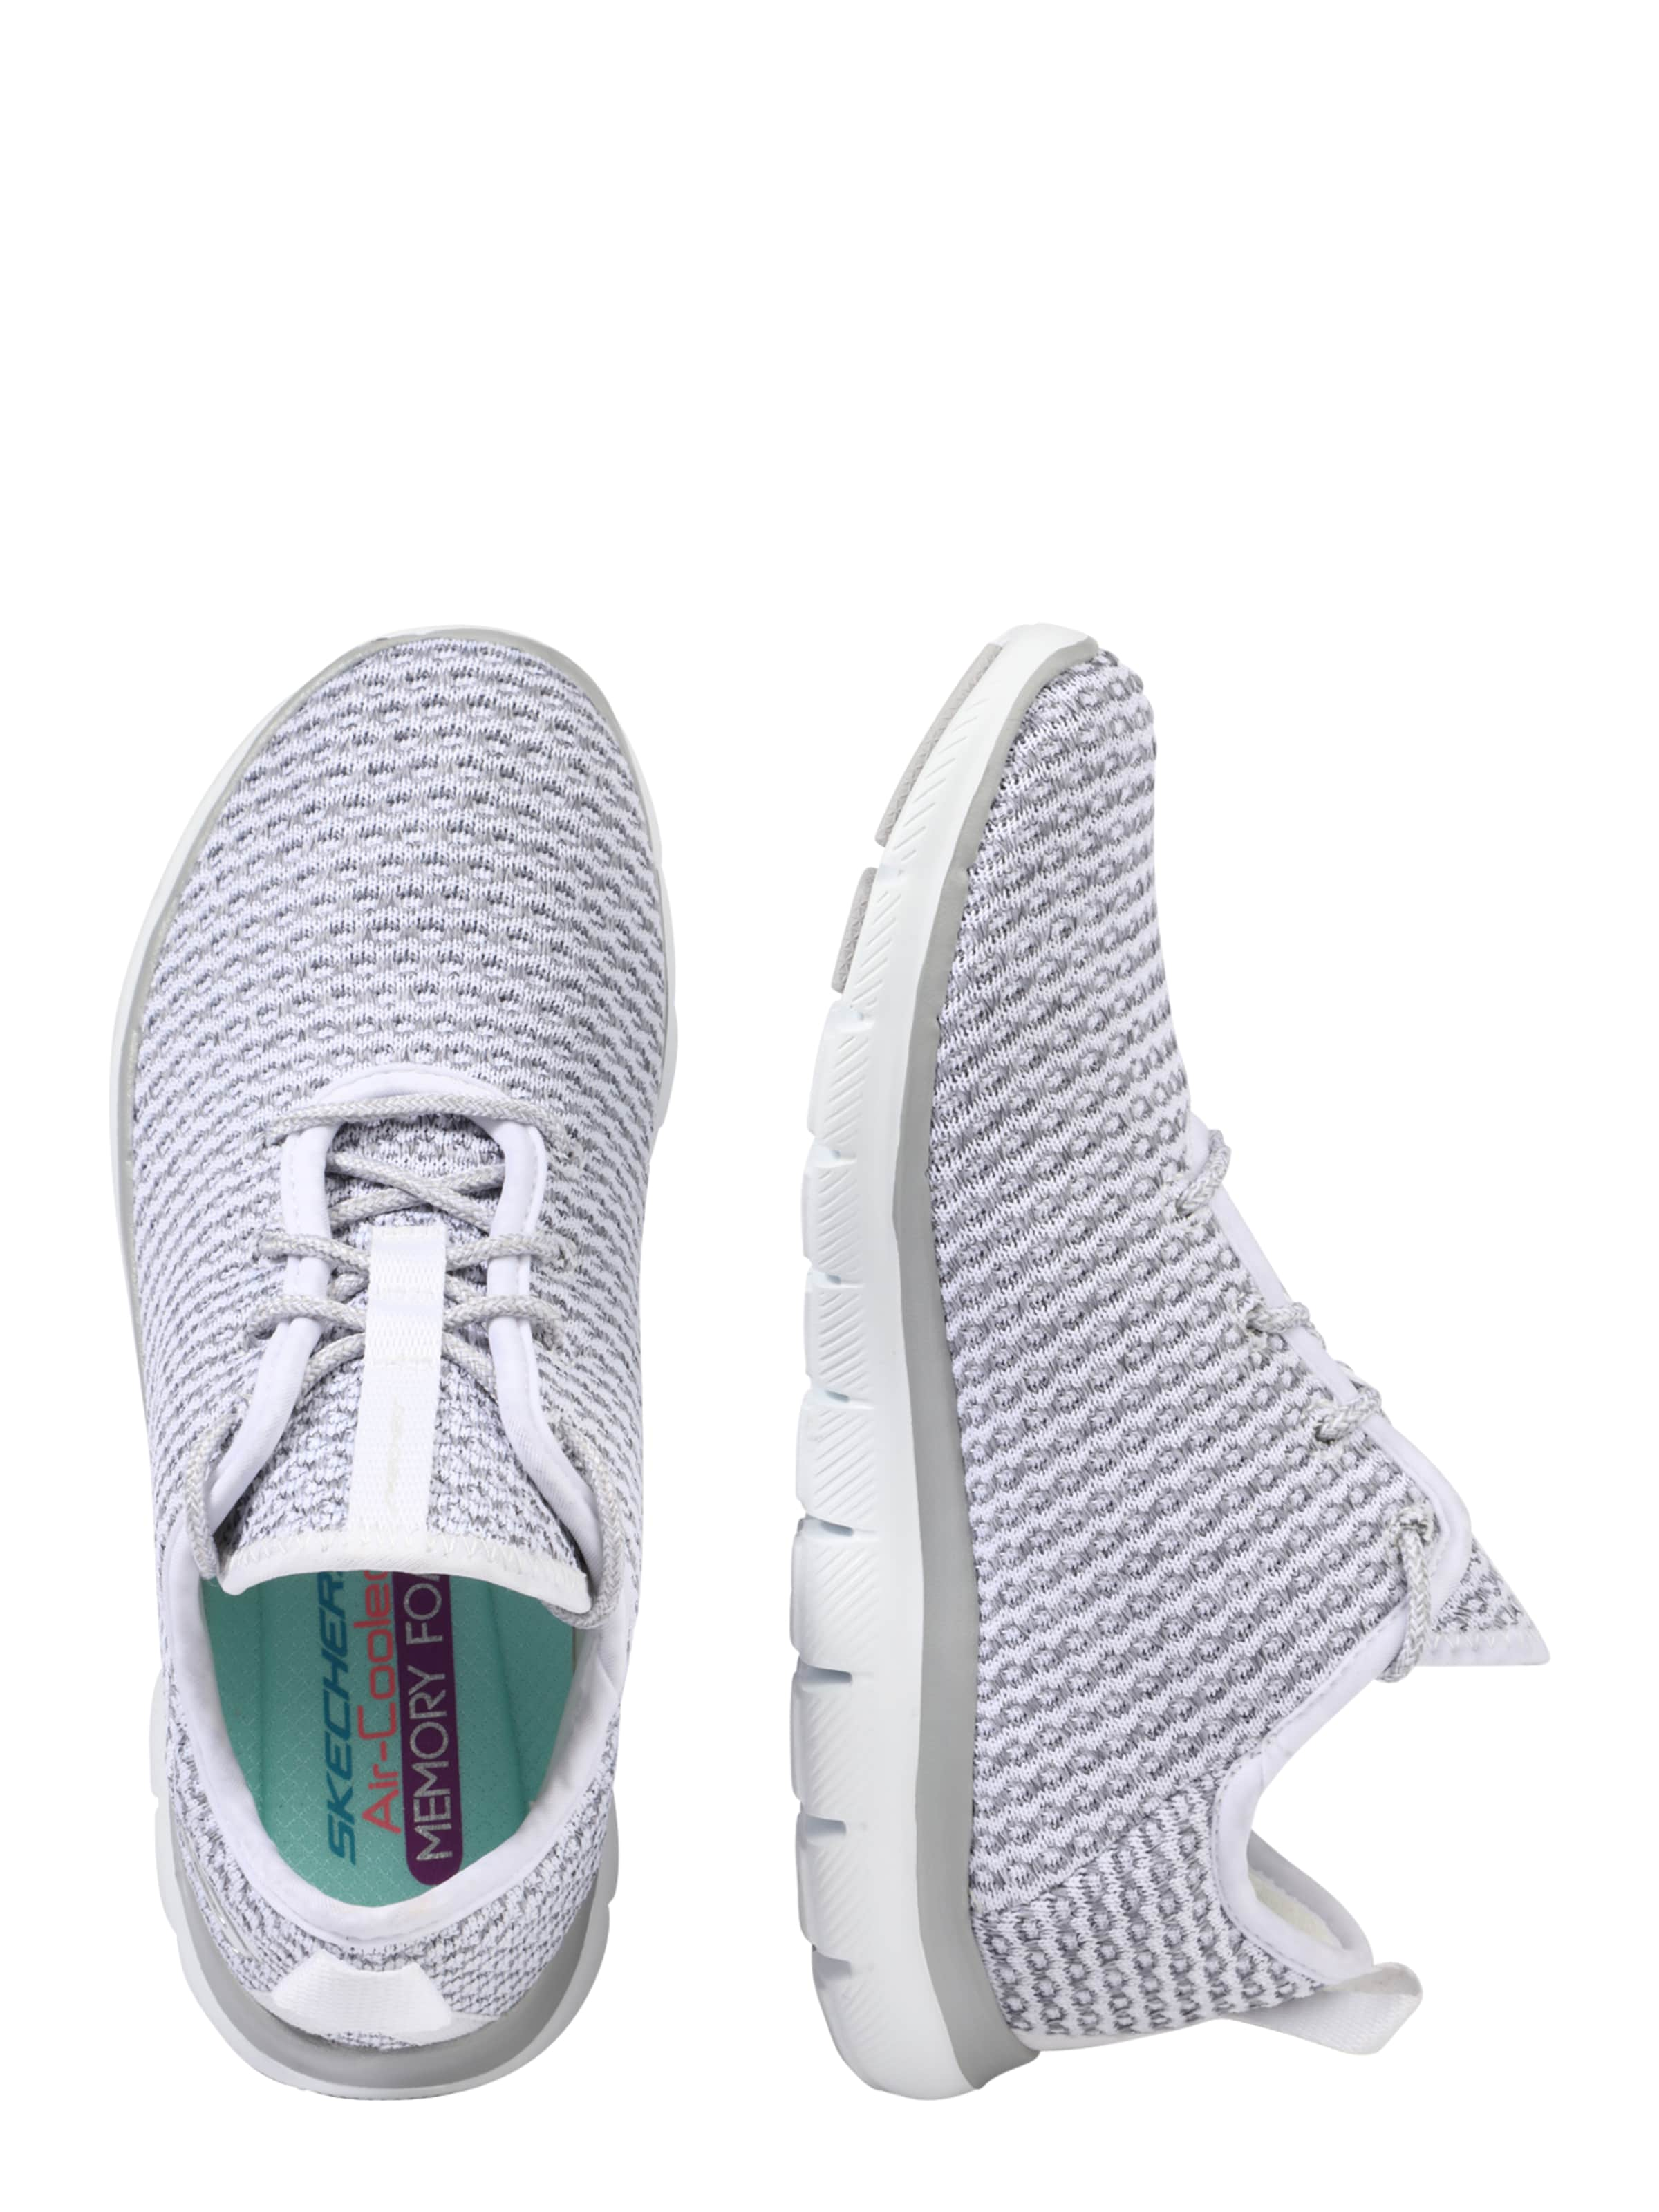 MOVE' 0 BOLD SKECHERS SKECHERS Sneaker 'FLEX 2 Sneaker APPEAL qwz8YT1xx